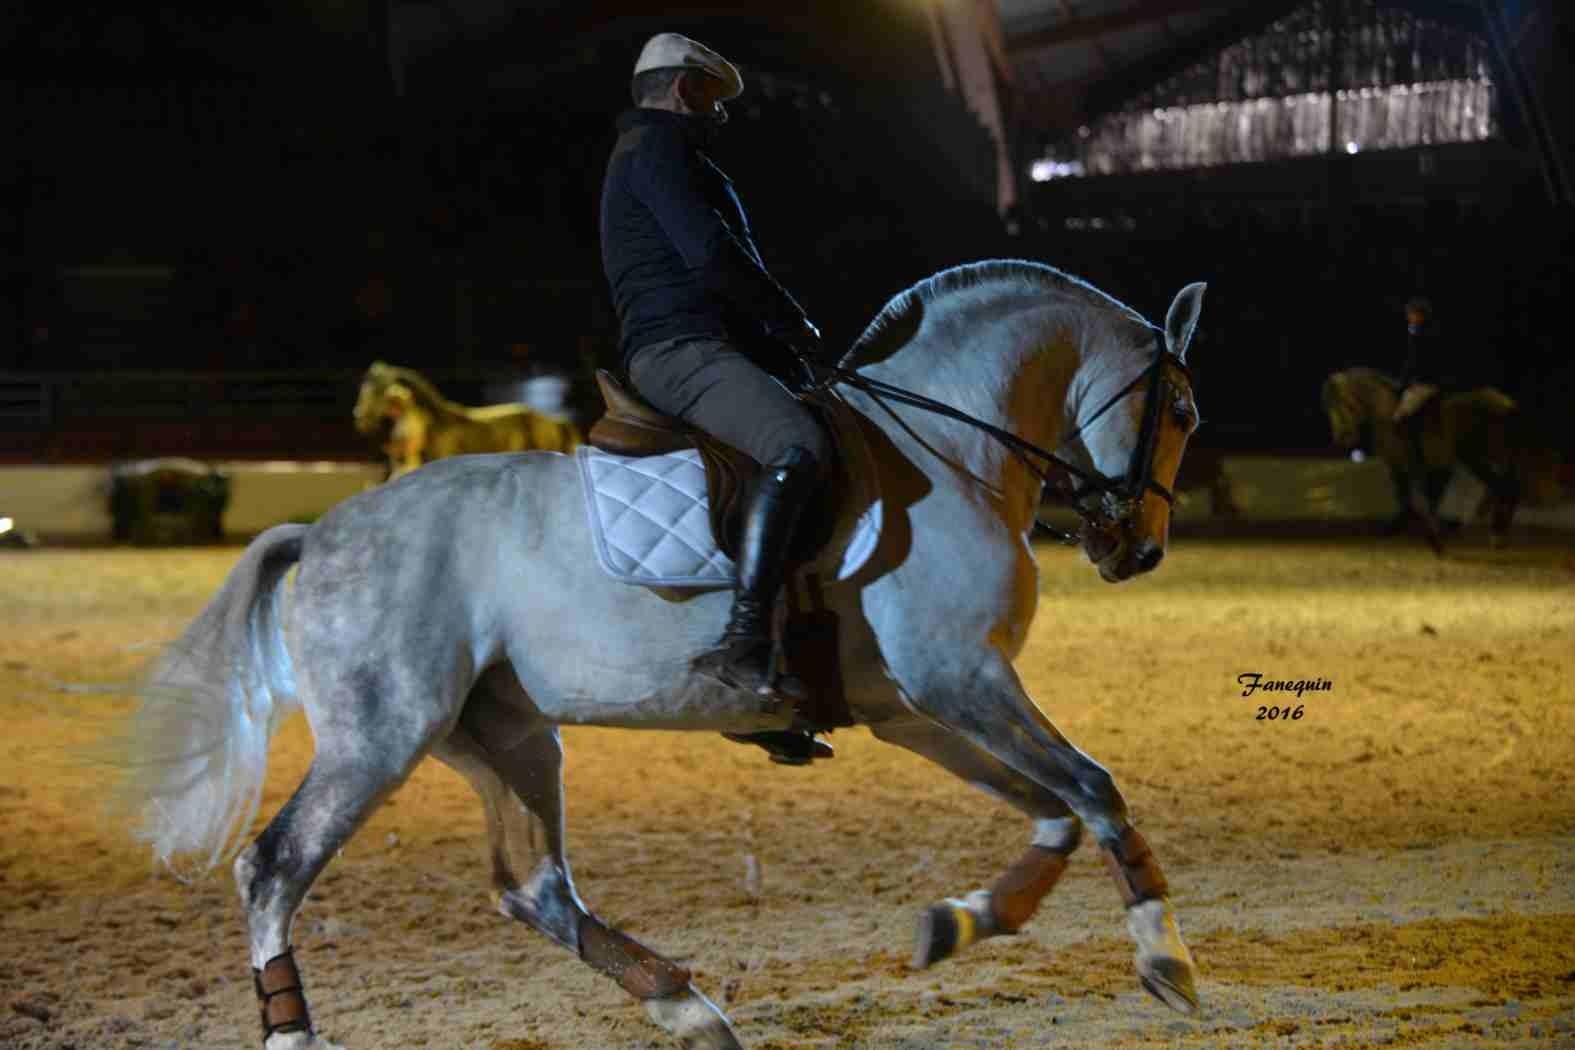 Cheval Passion 2016 - Présentation des LUSITANIENS - Ecurie de Max VENDRELL & Corinne BOUCHITTE - 40